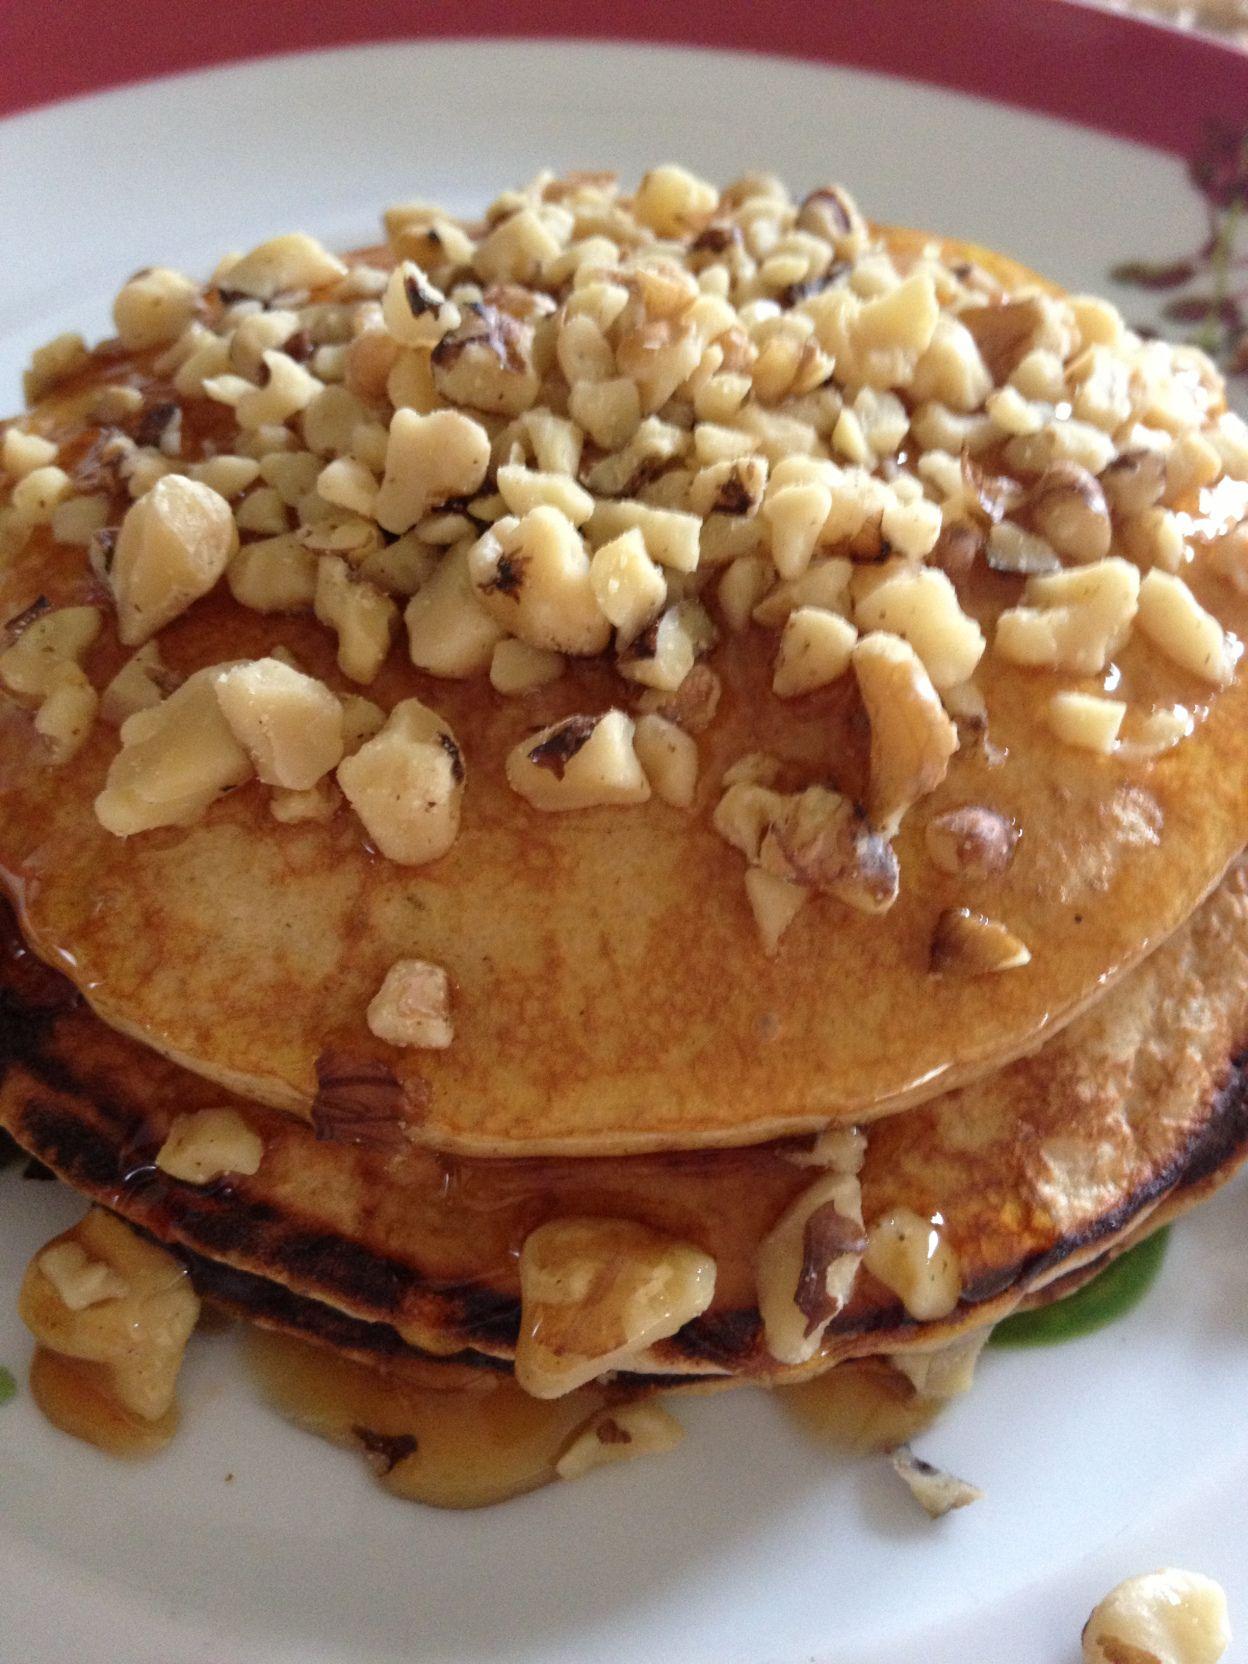 Receta Panquecas De Avena Y Claras De Huevo Food Healthy Recipes Breakfast